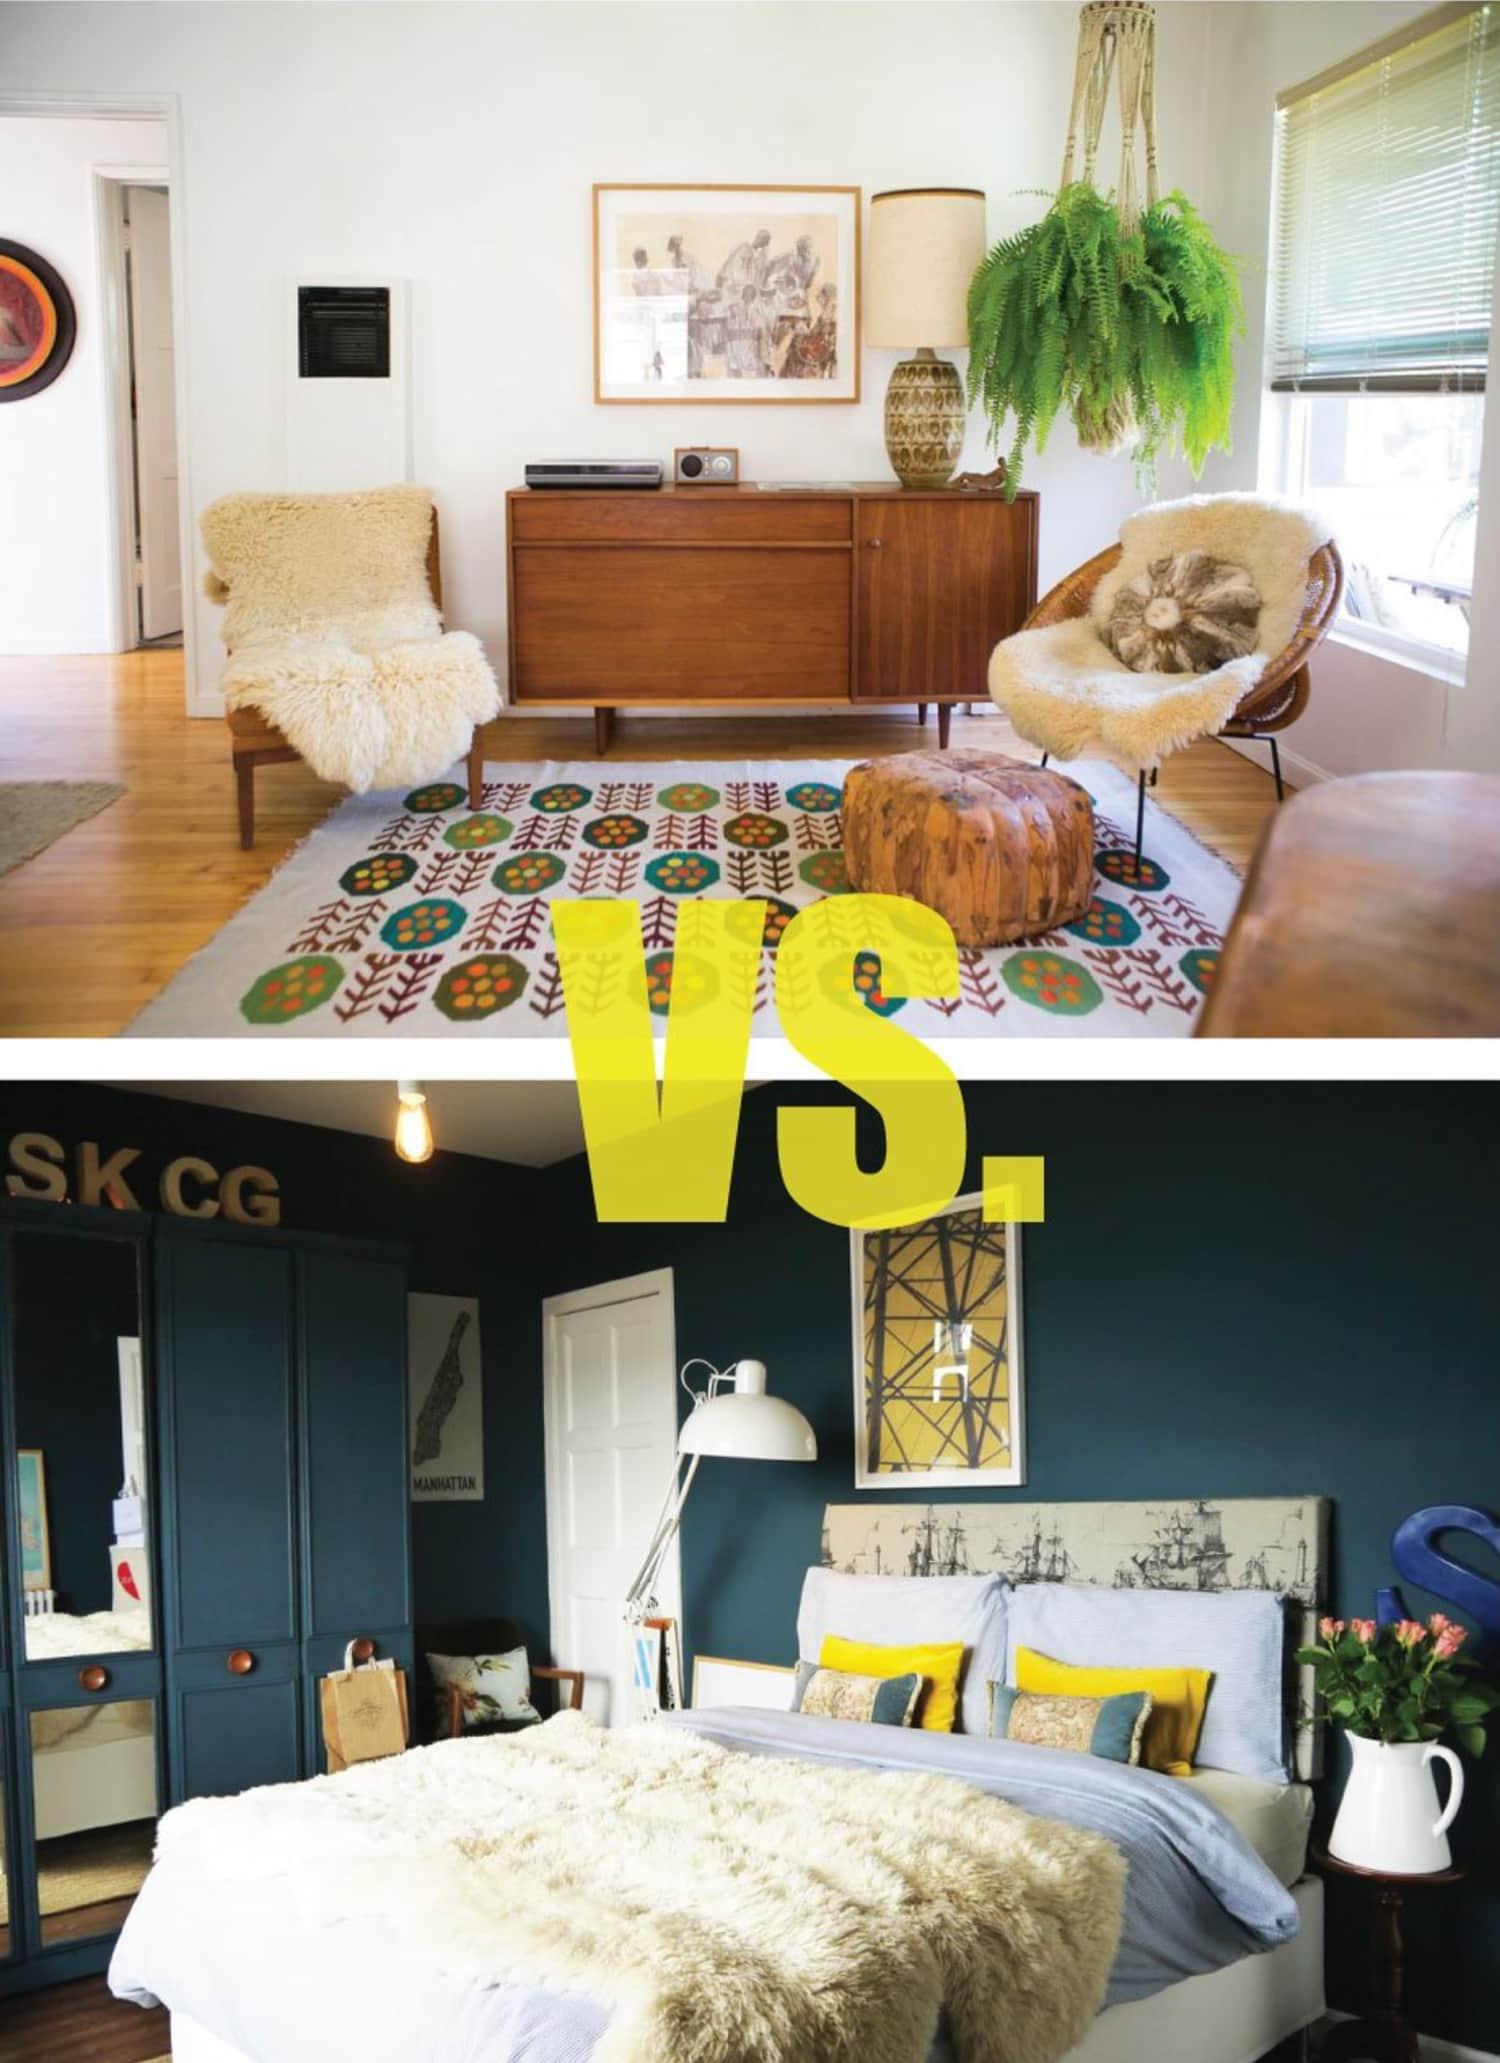 Design Duel: Light vs. Dark Bedrooms